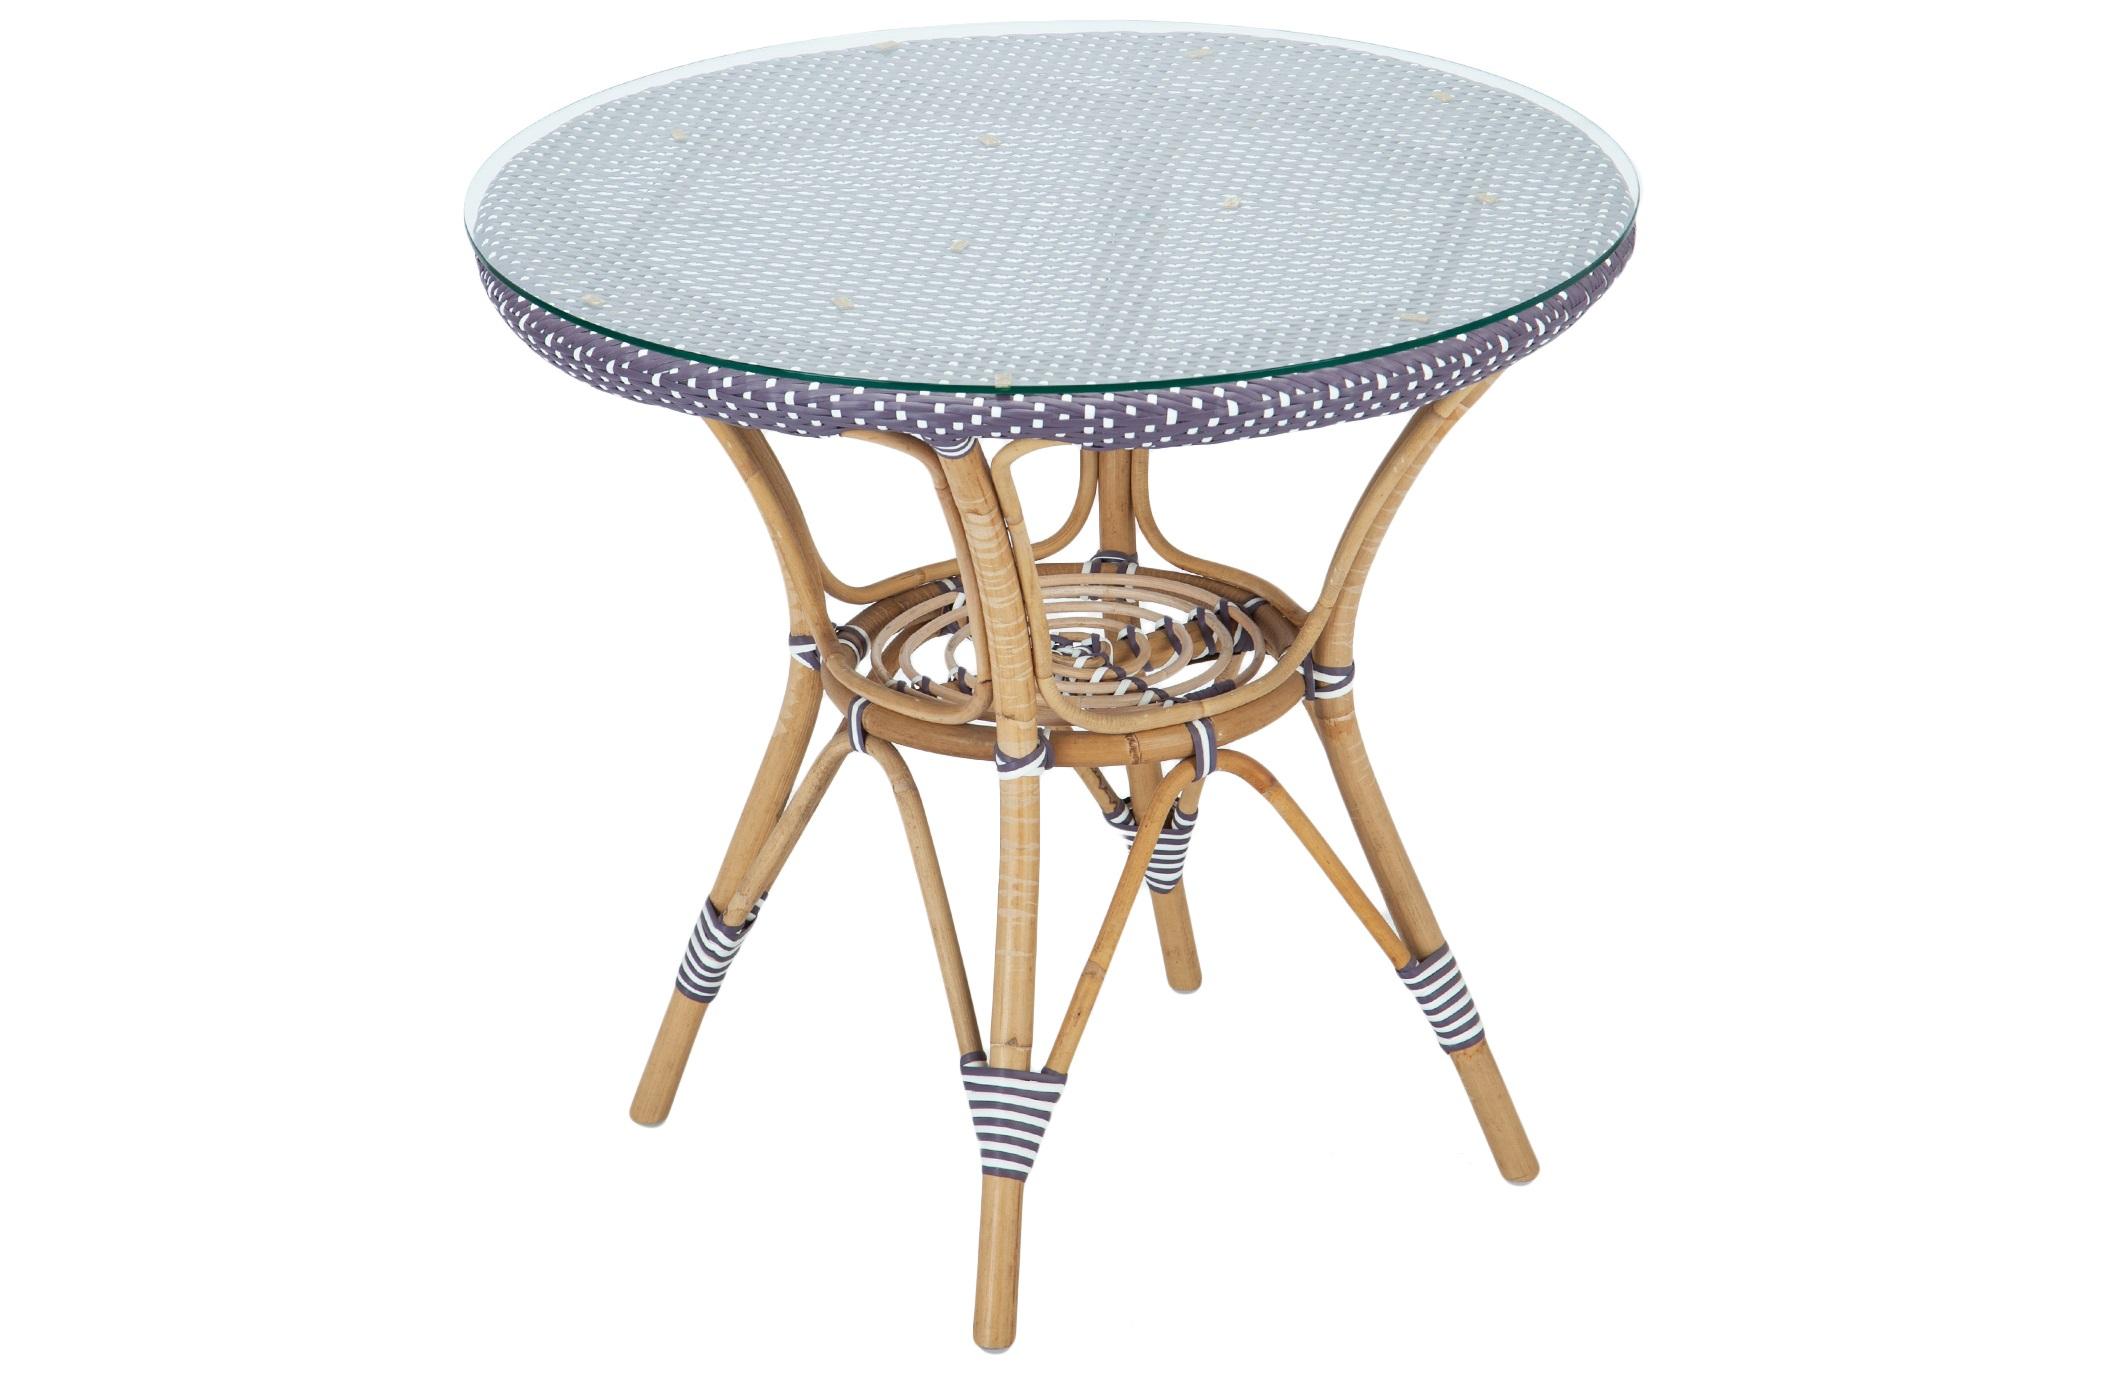 СтолСтолы и столики для сада<br>Стол из ротанга, столешница из прочного синтетического волокна, сверху покрывается прозрачным стеклом.В дополнение к столу в коллекции представлены стулья и полукресла из ротанга.<br><br>Material: Ротанг<br>Высота см: 73